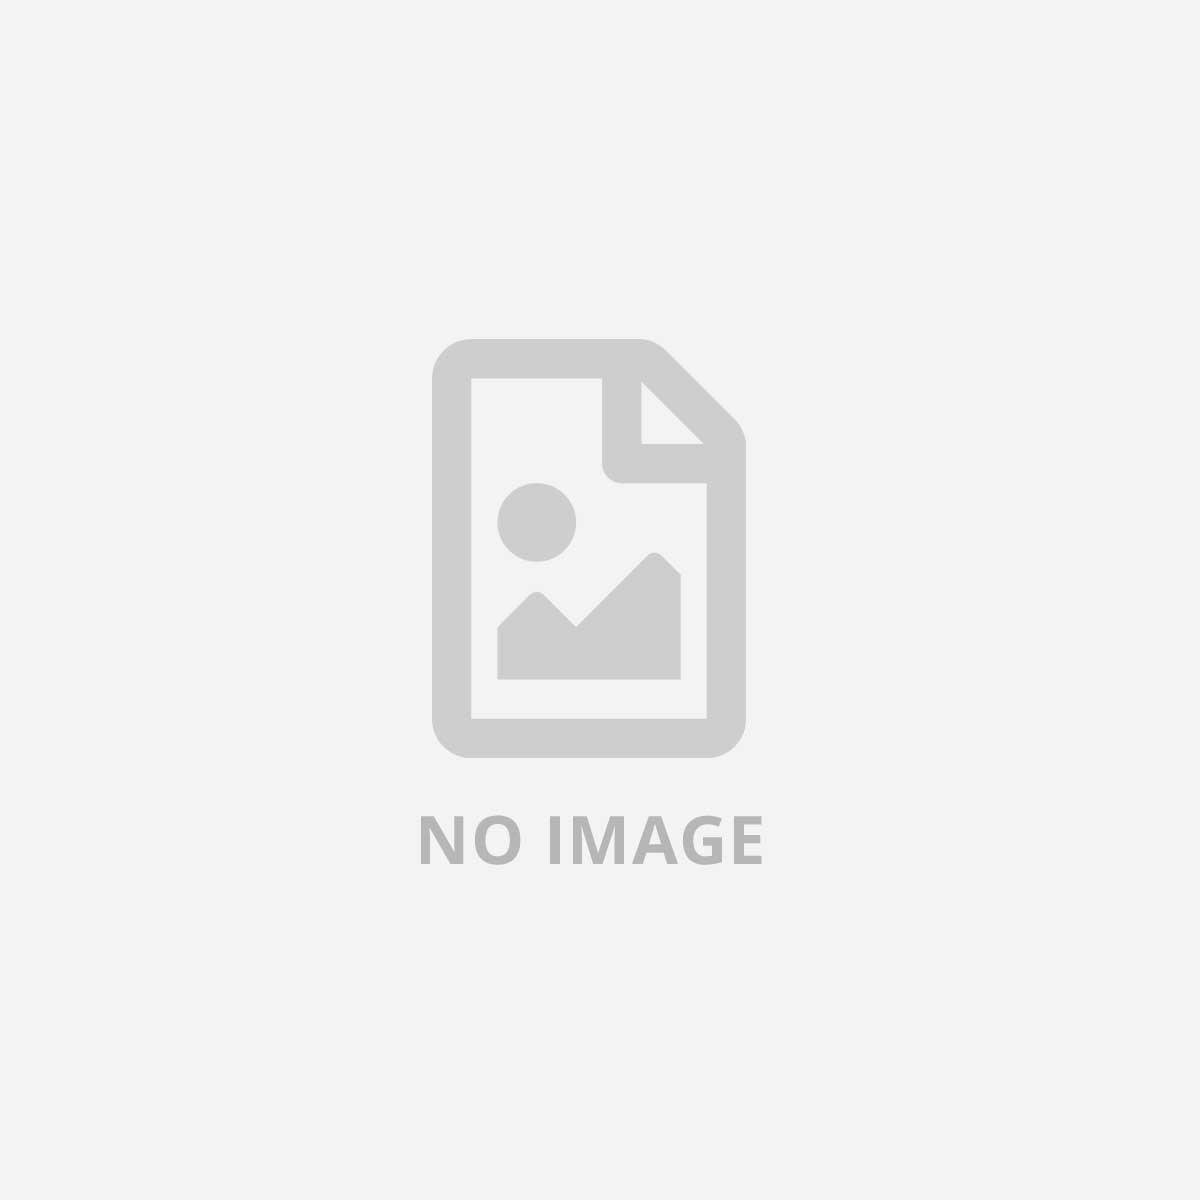 FUJIFILM BLU-RAY DISC REW 1-2X 25GB JC 5PEZZ